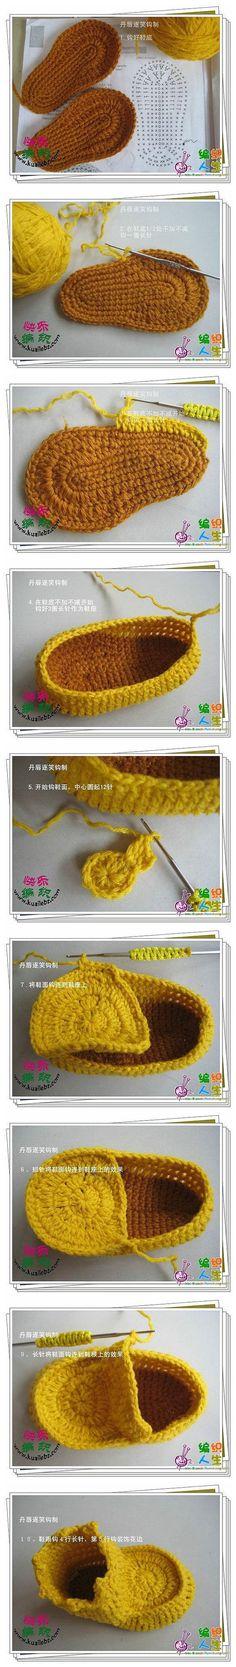 adorable crochet booties tutorial!